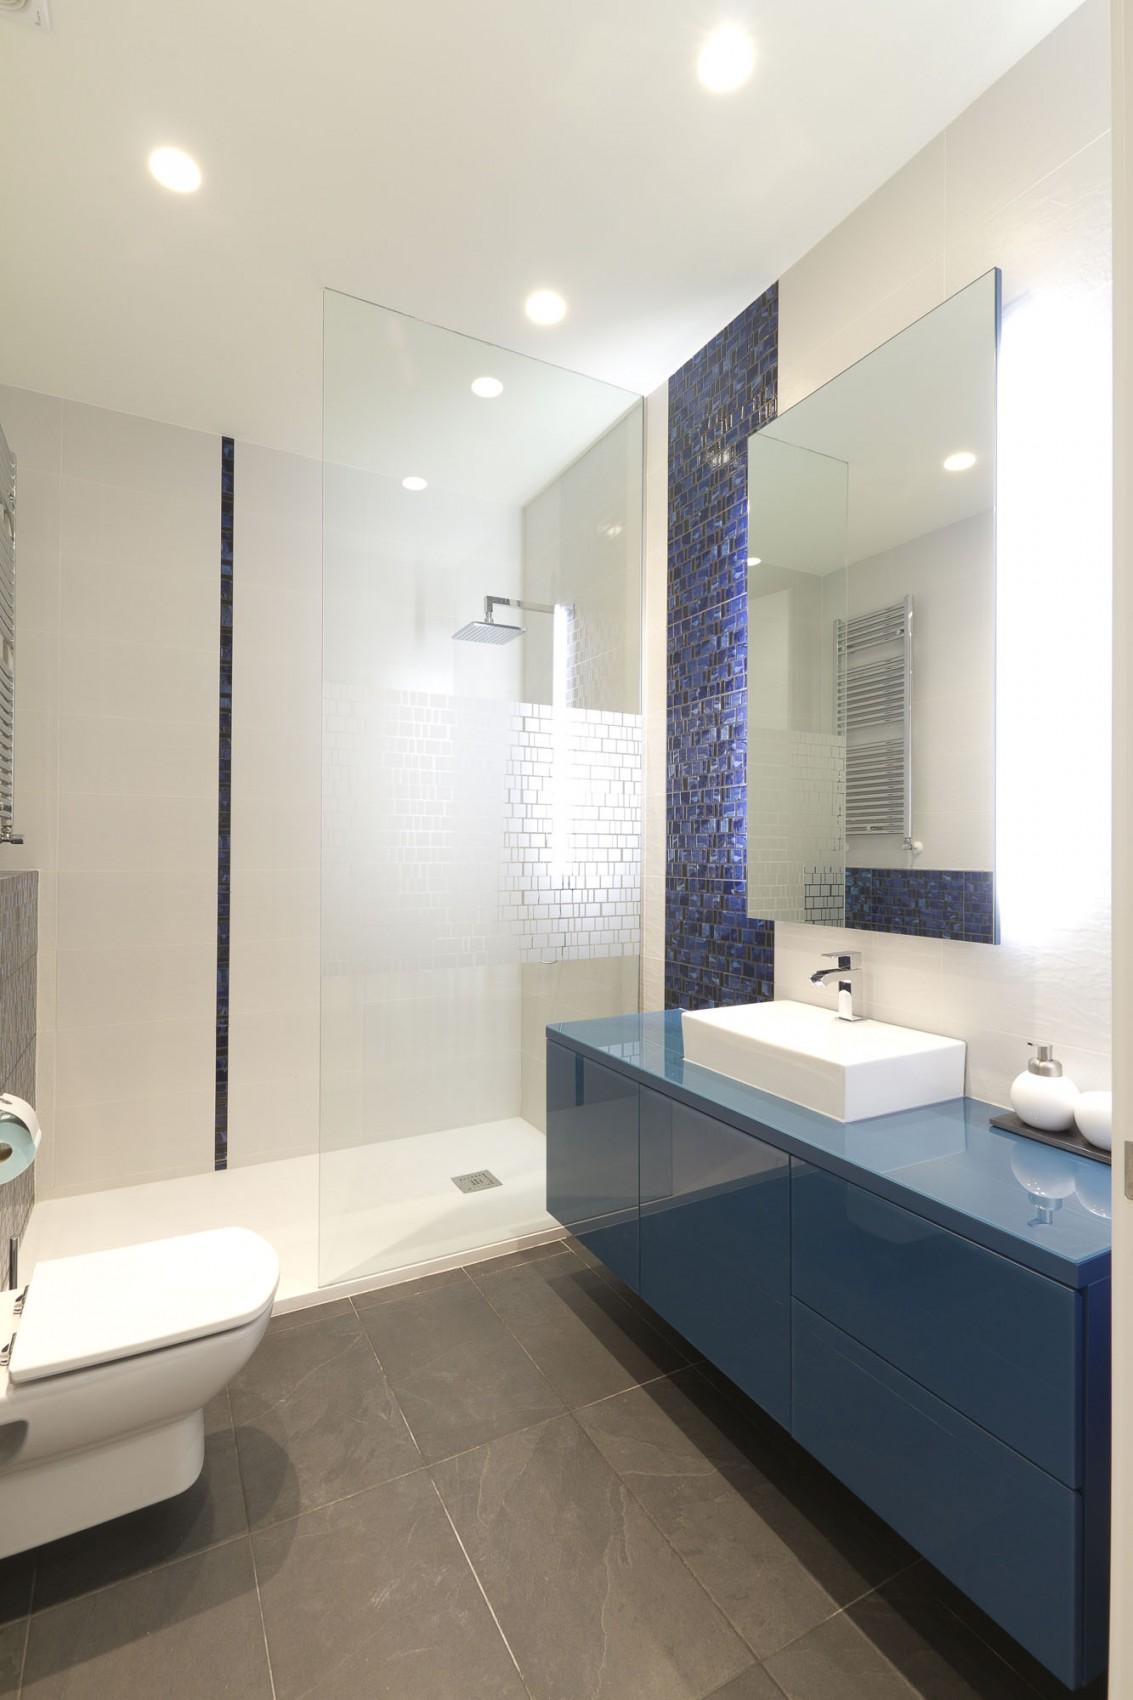 Интерьер маленькой ванной комнаты - фото 4